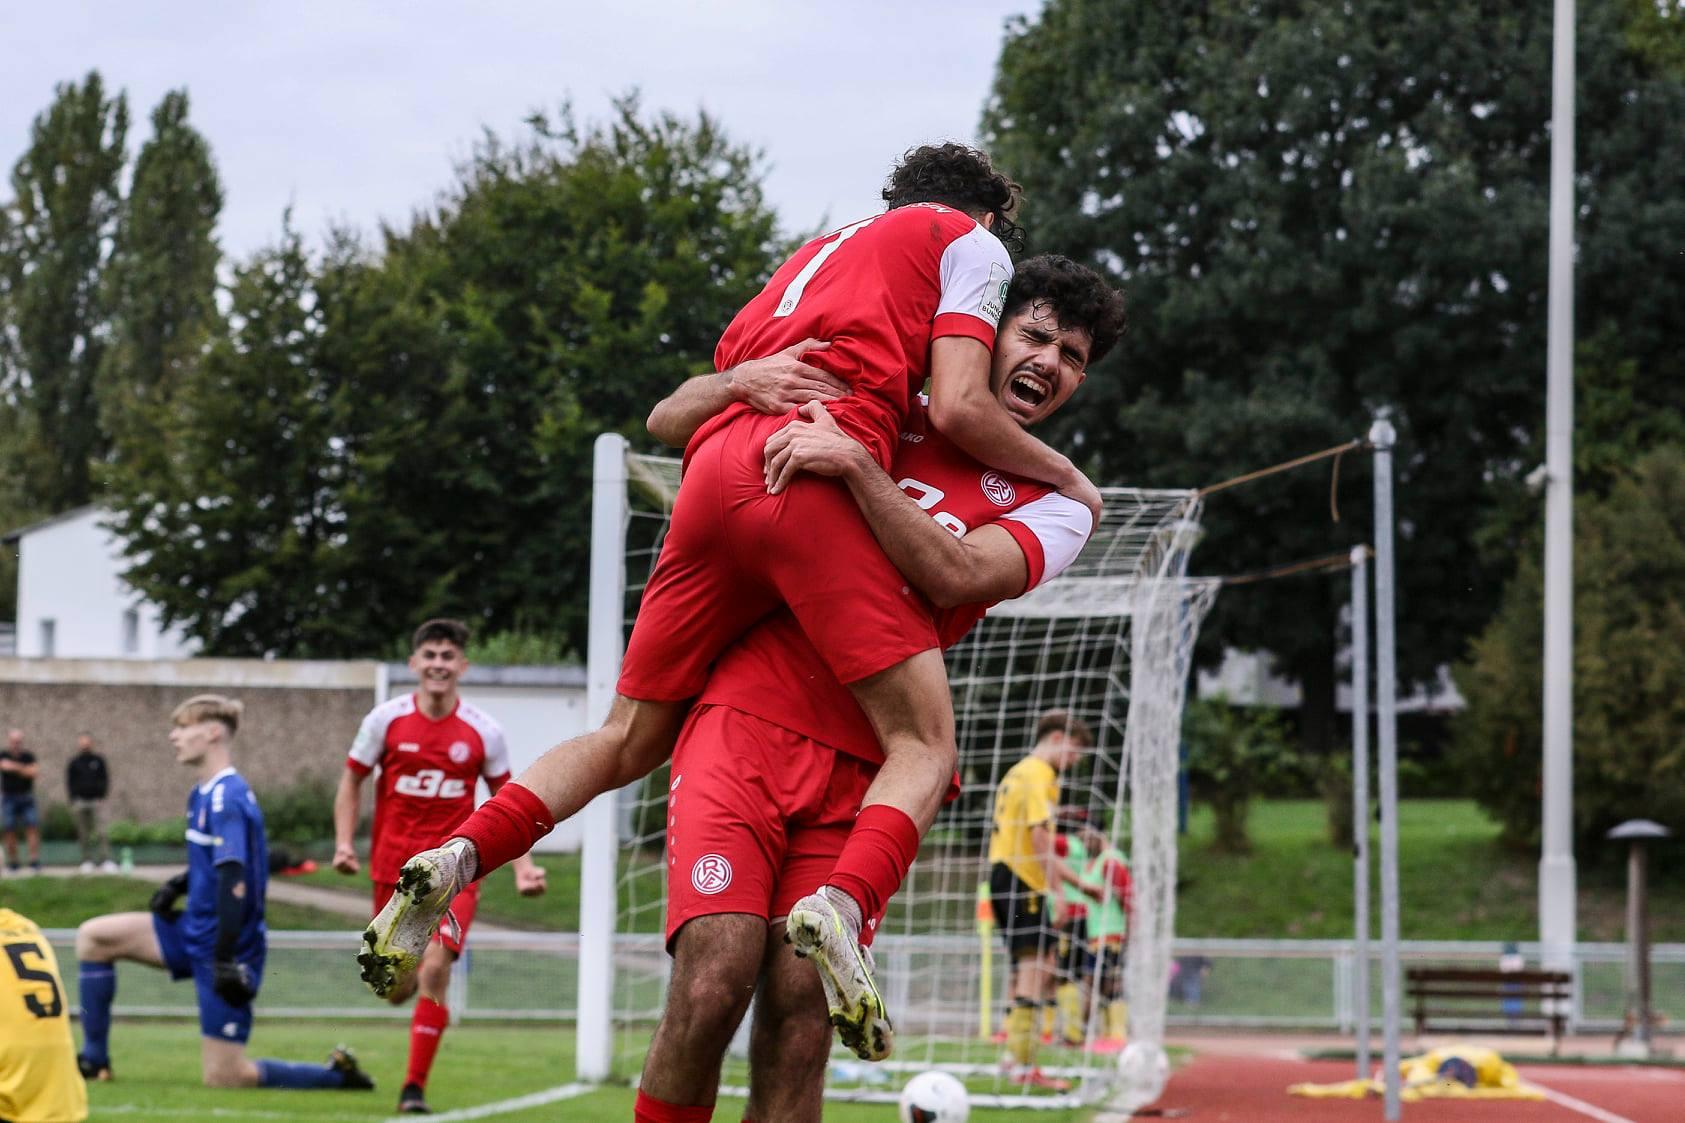 Seumannstraße: Leistungsgerechtes Unentschieden und umkämpfter Sieg – Rot-Weiss Essen